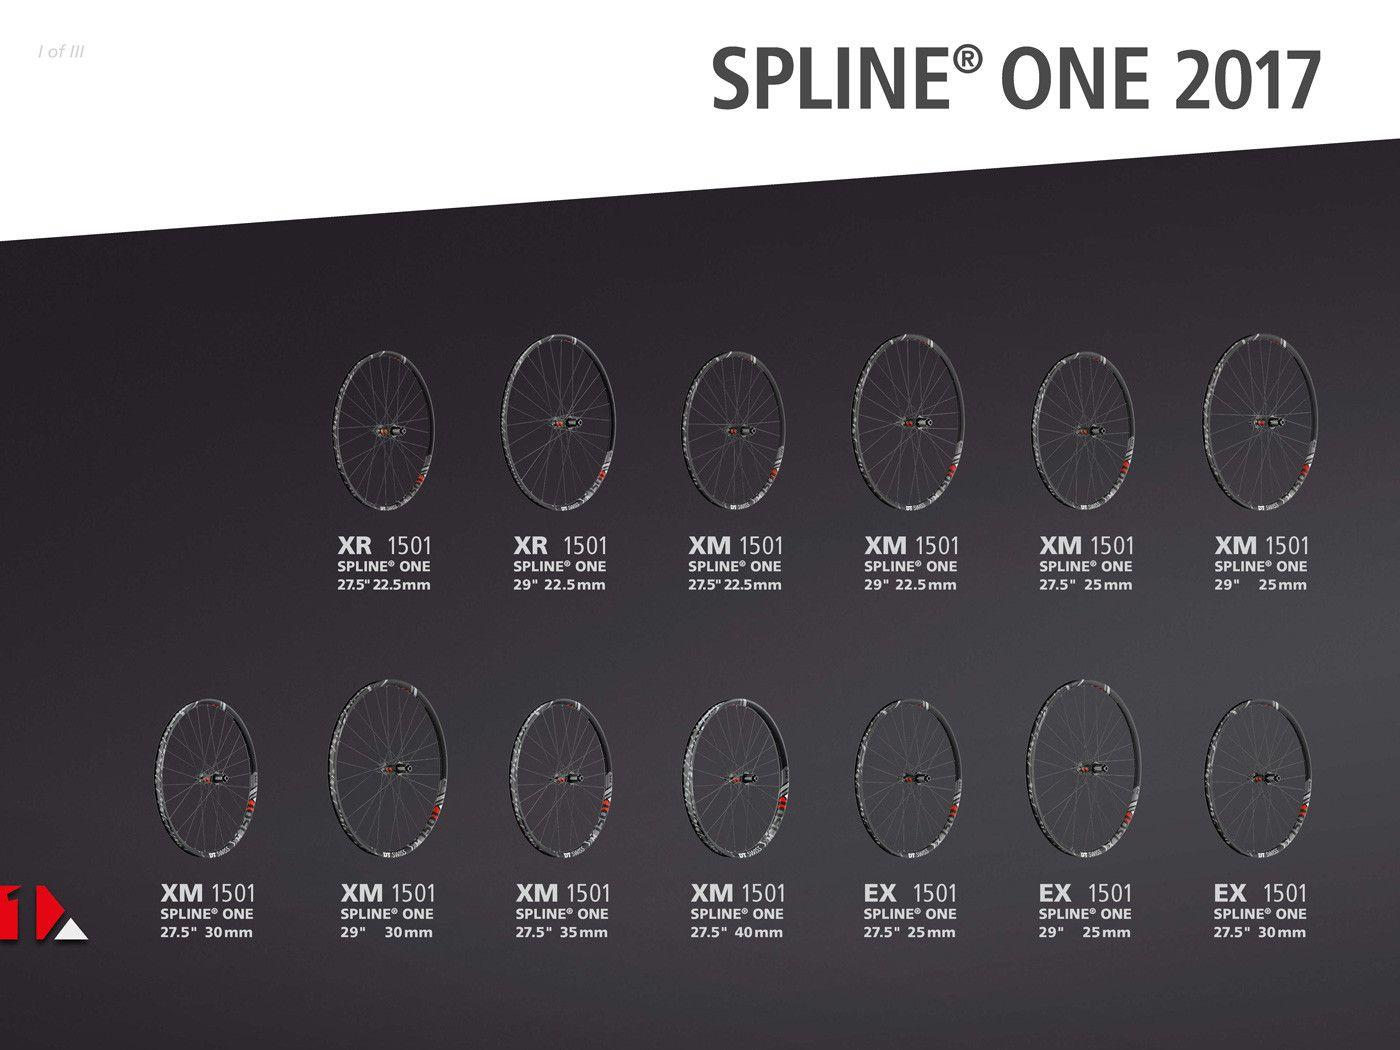 Gama completa de ruedas DT-Swiss Spline One